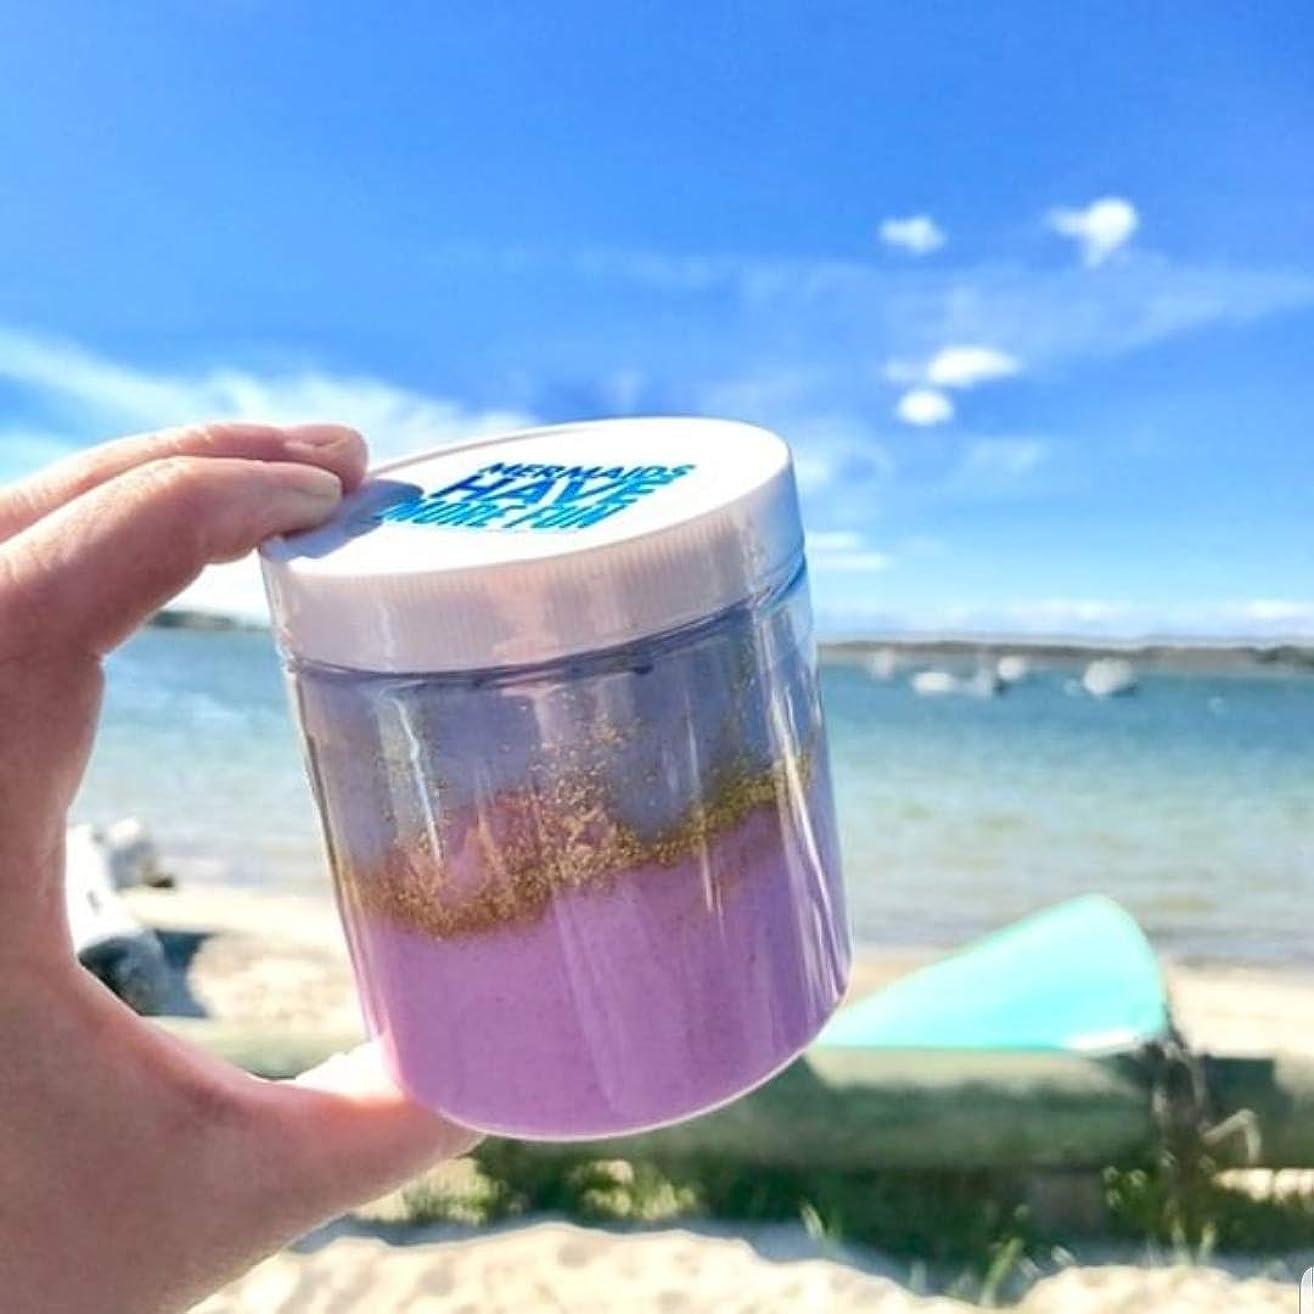 Mermaid Sugar Scrub Exfoliating Body Soap. Mermaid birthday gift for Summer